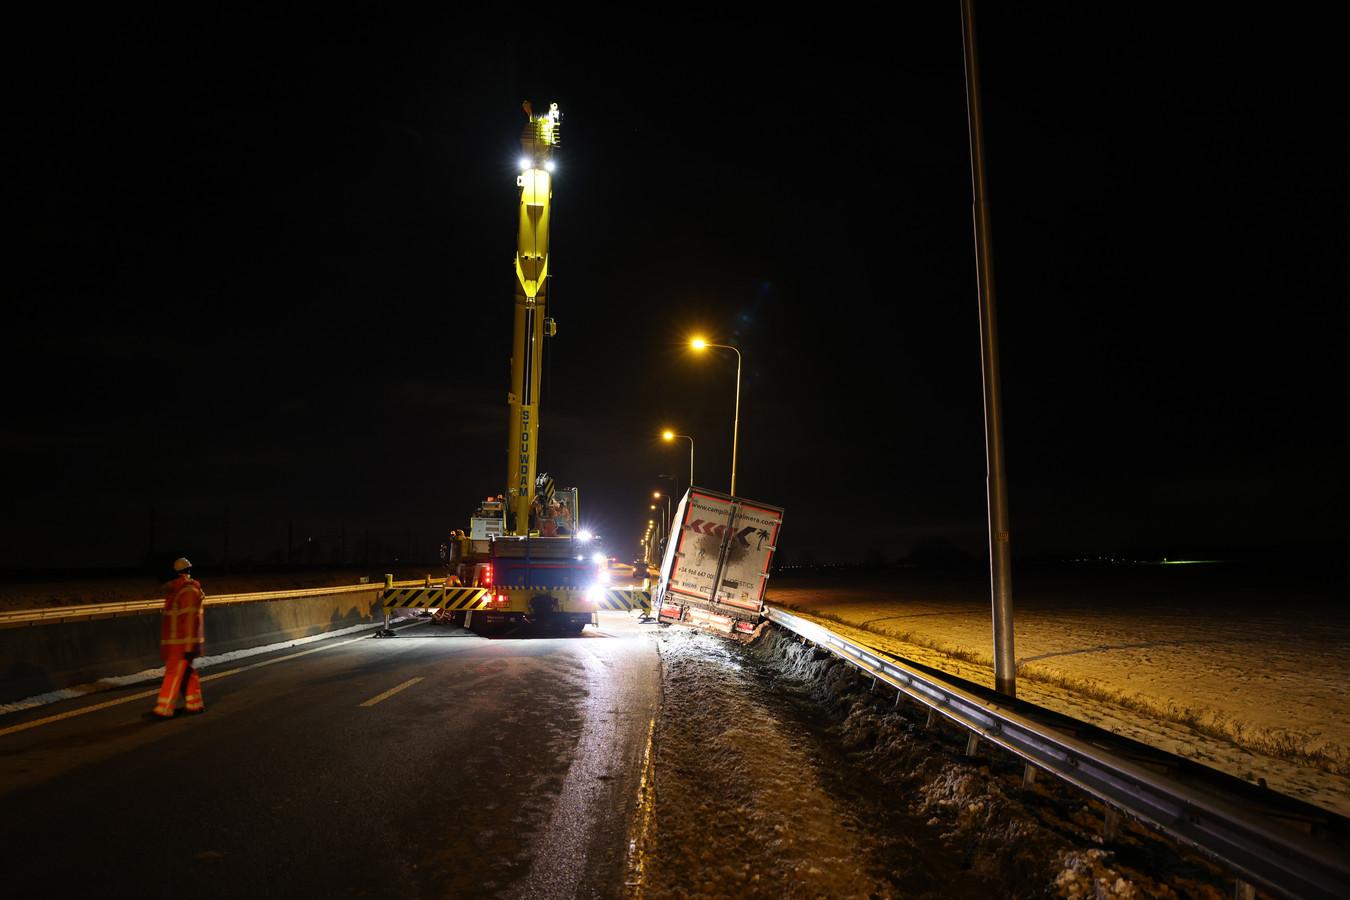 De berging van de vrachtwagen op de N50.